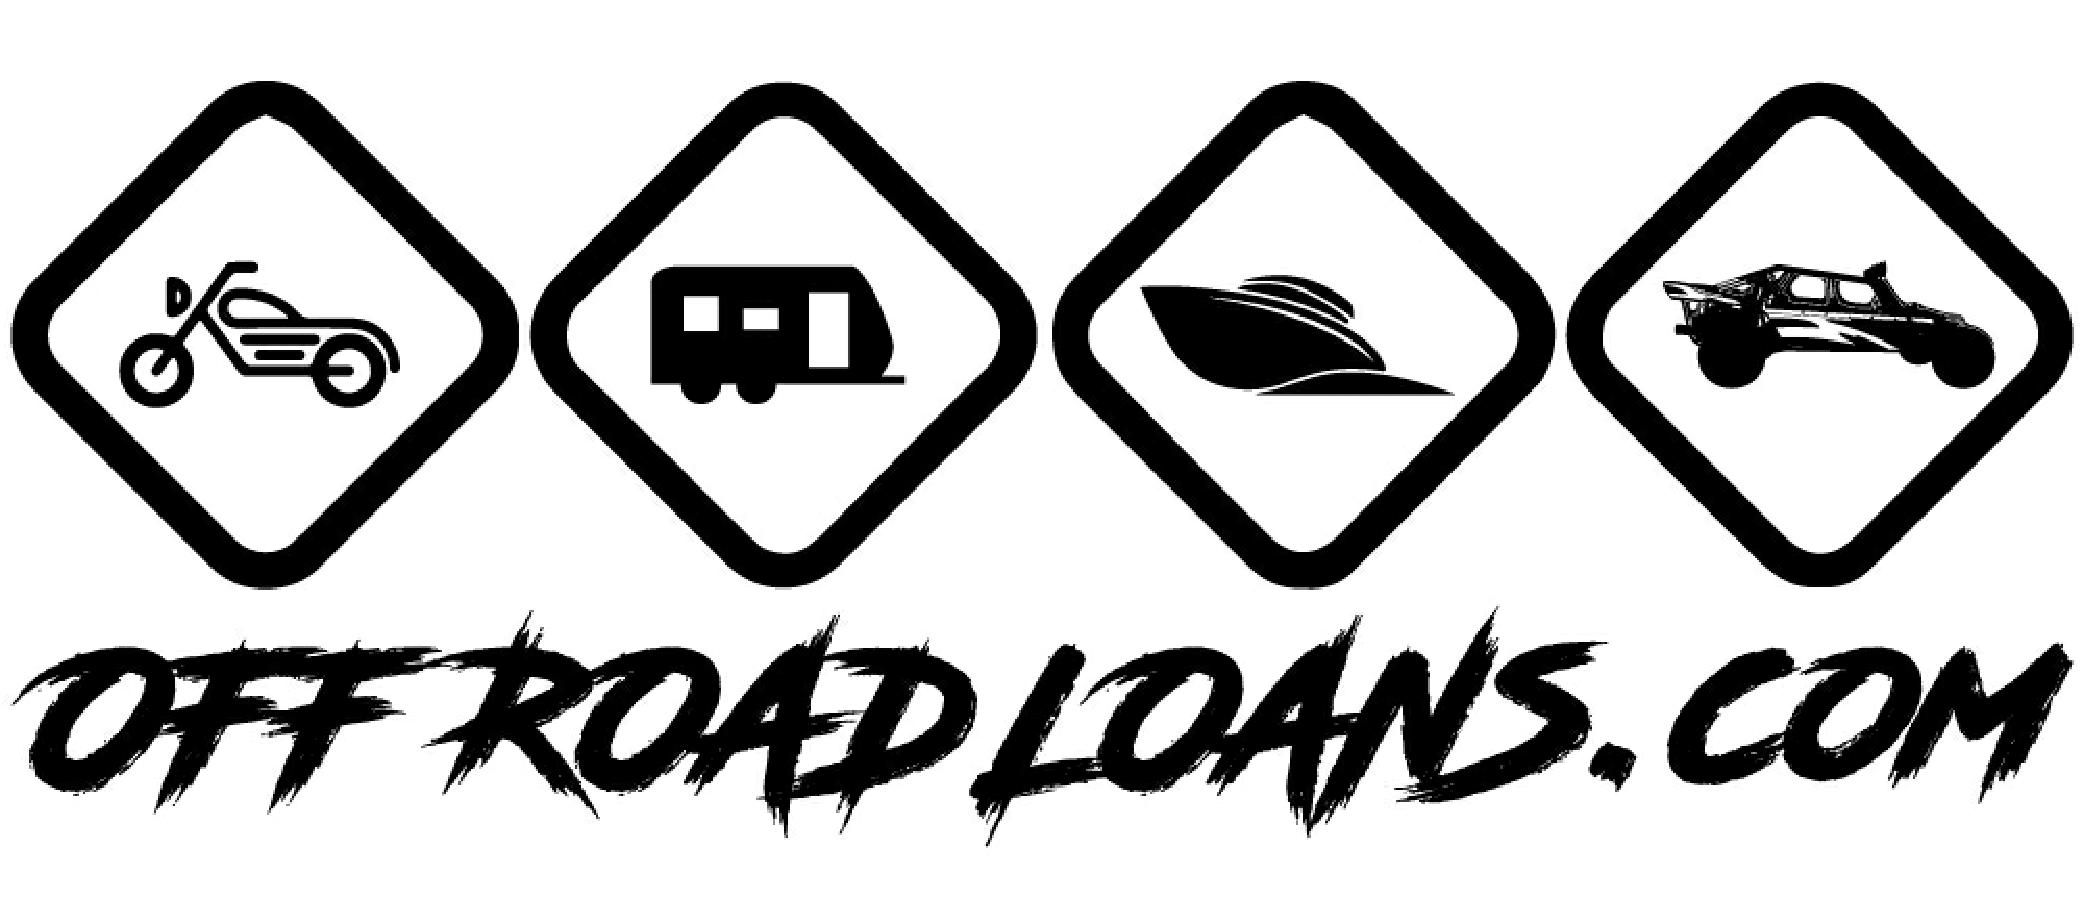 OffRoadLoans PDF-1.png